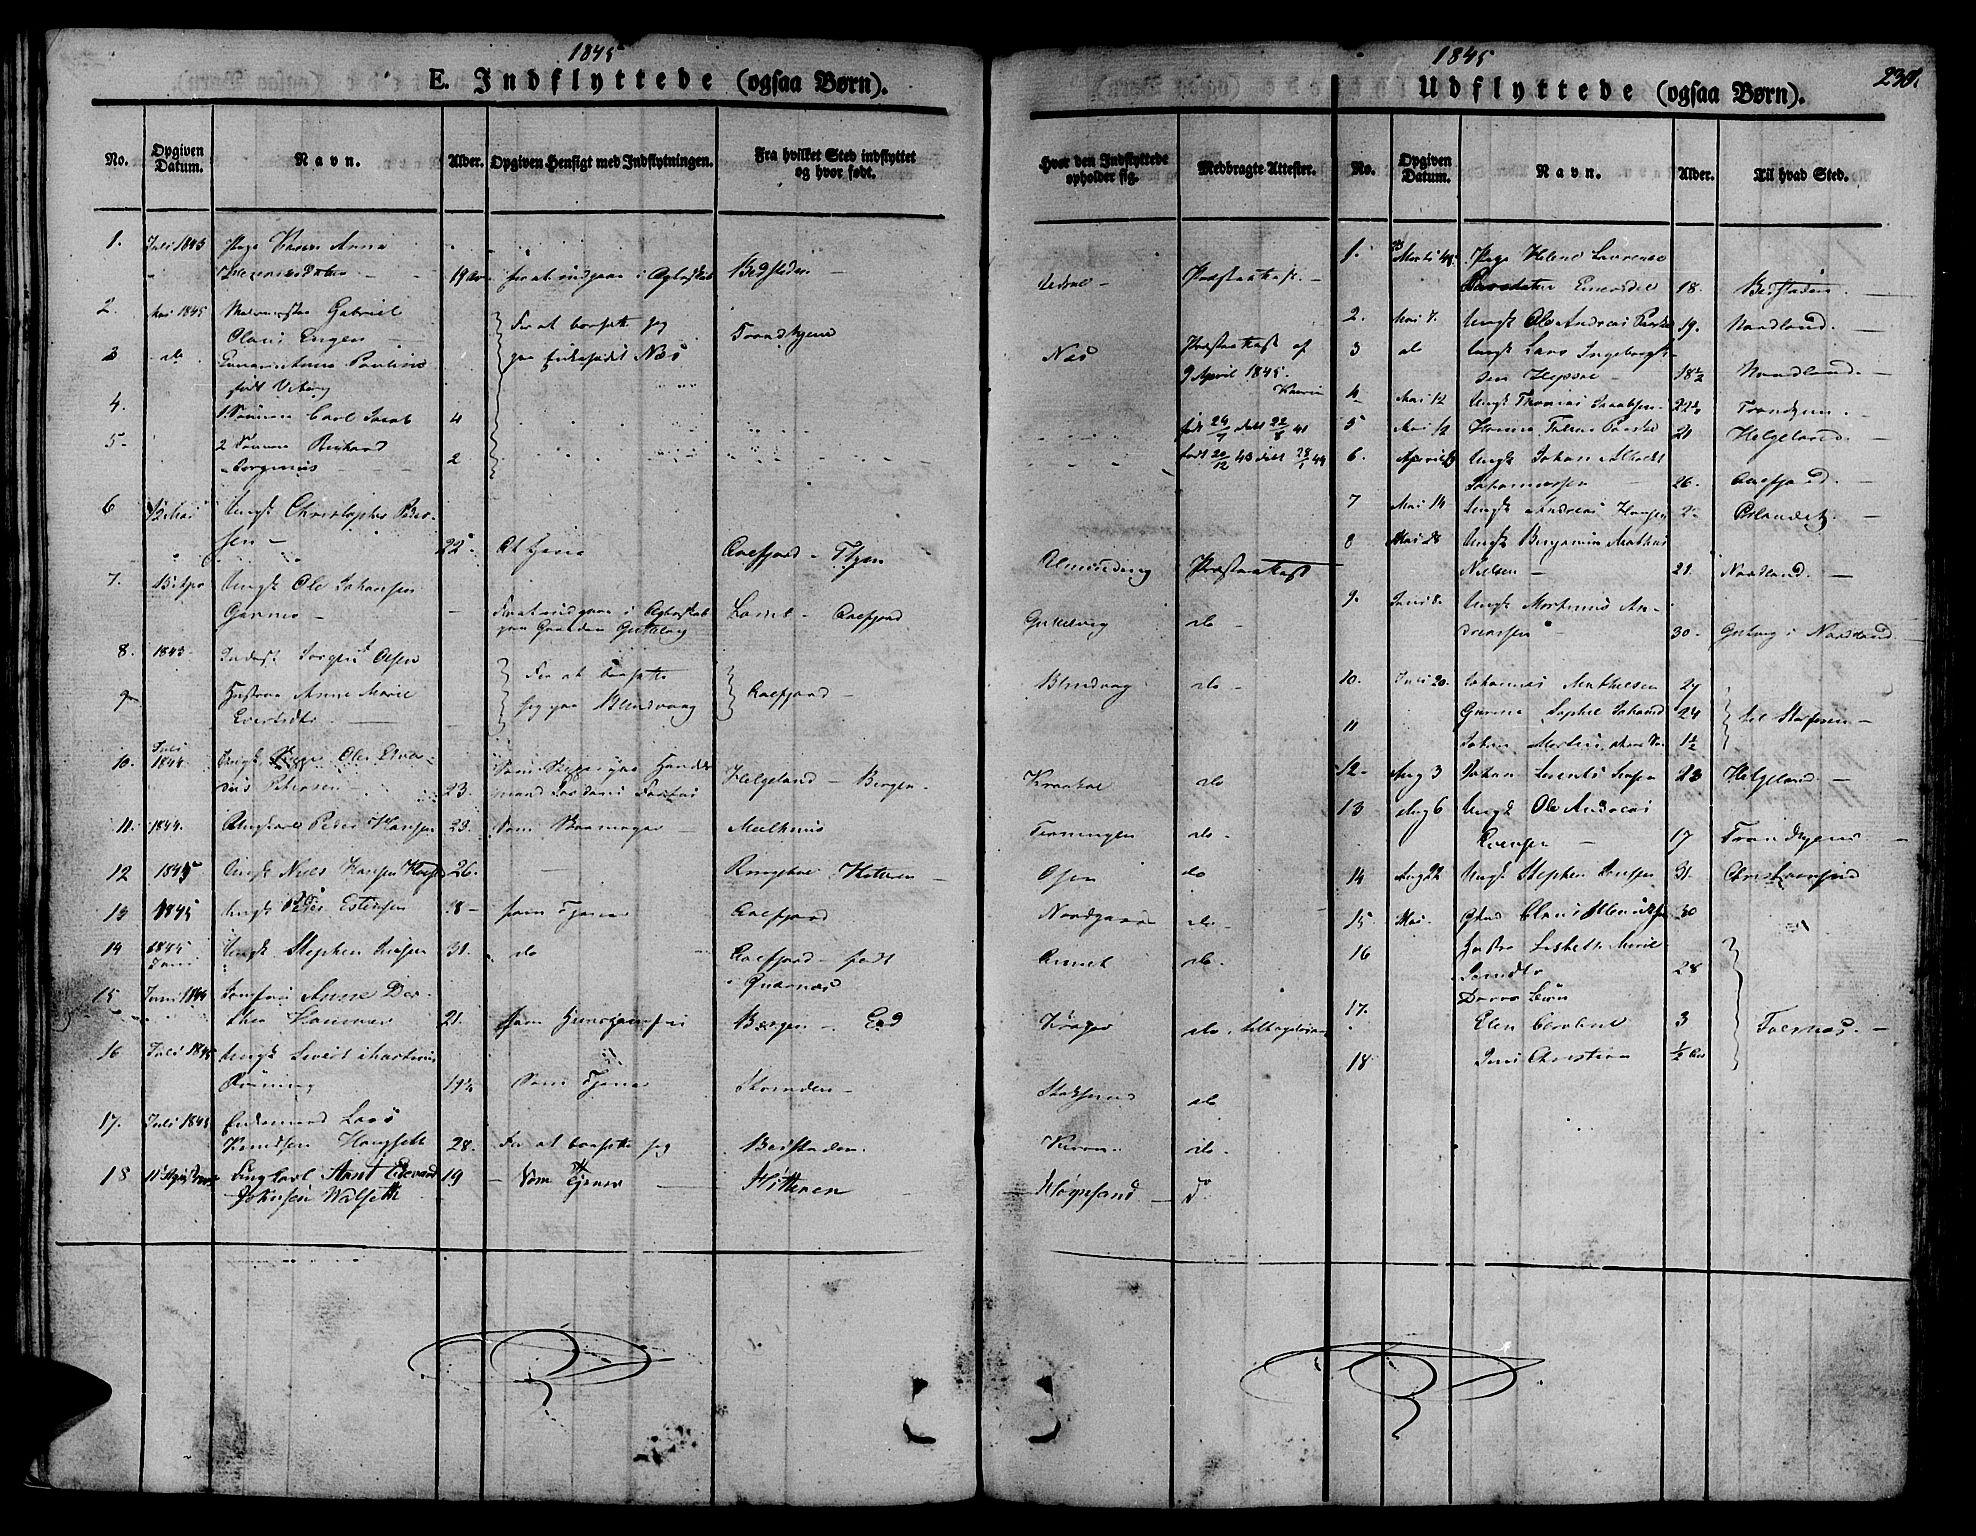 SAT, Ministerialprotokoller, klokkerbøker og fødselsregistre - Sør-Trøndelag, 657/L0703: Ministerialbok nr. 657A04, 1831-1846, s. 230